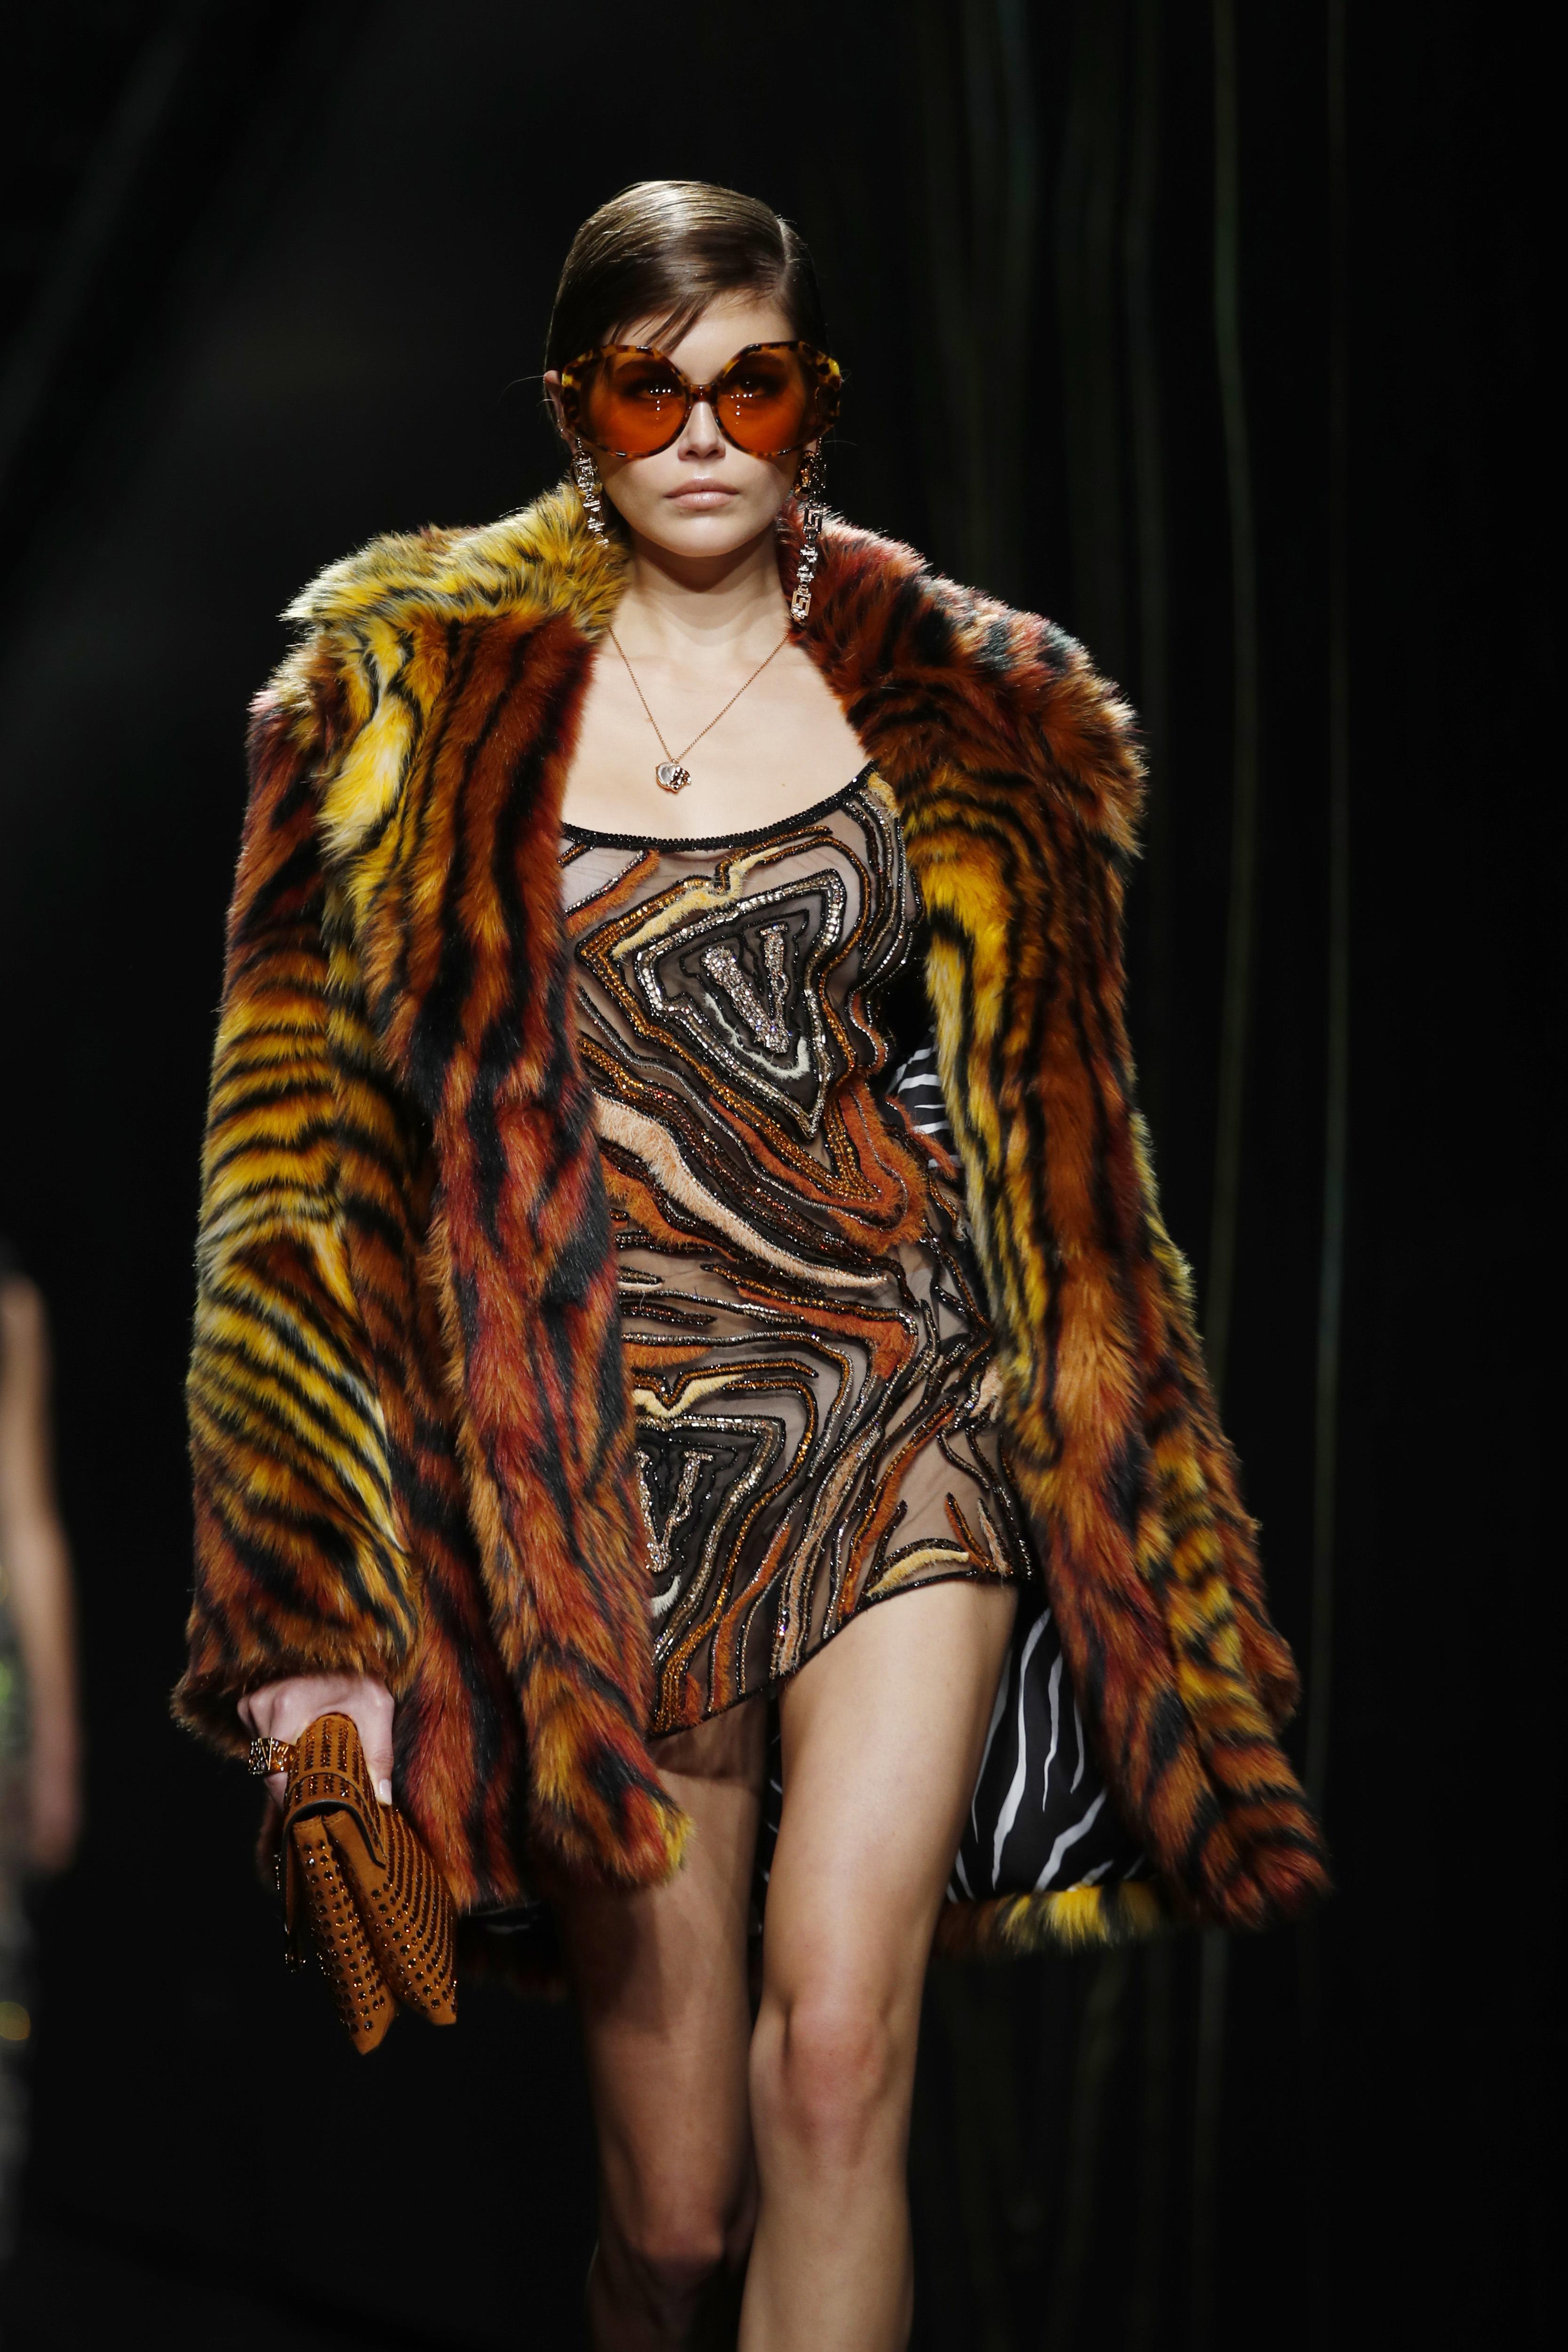 Abrigos llamativos y minivestidos fue parte de la fórmula de Versace para el otoño-invierno 2020. (AP)